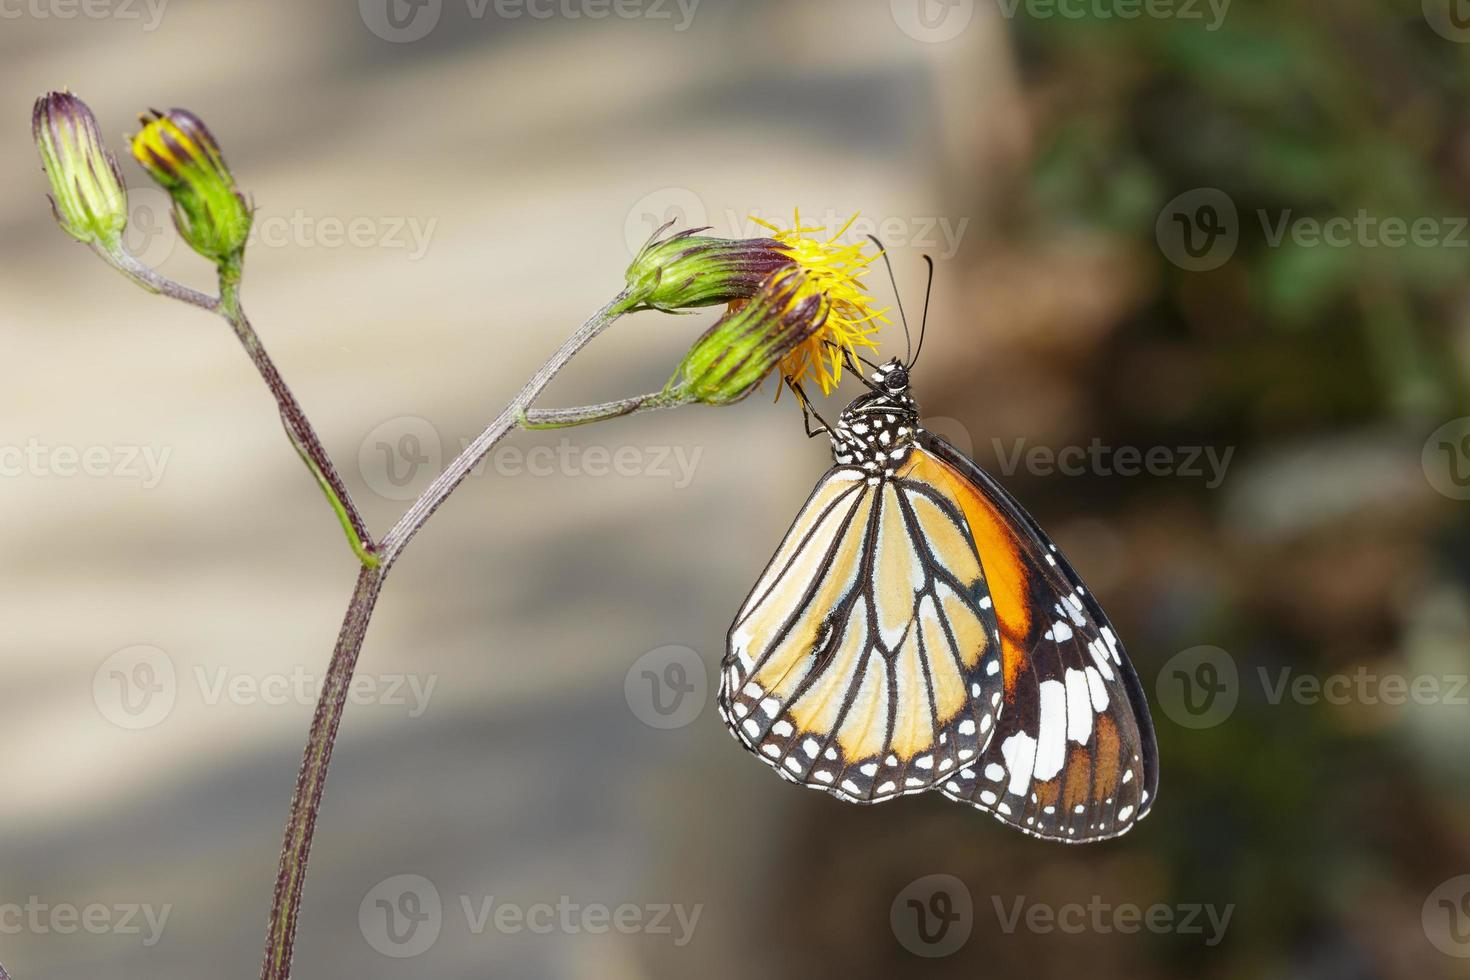 gemeiner Tigerschmetterling auf Blume foto